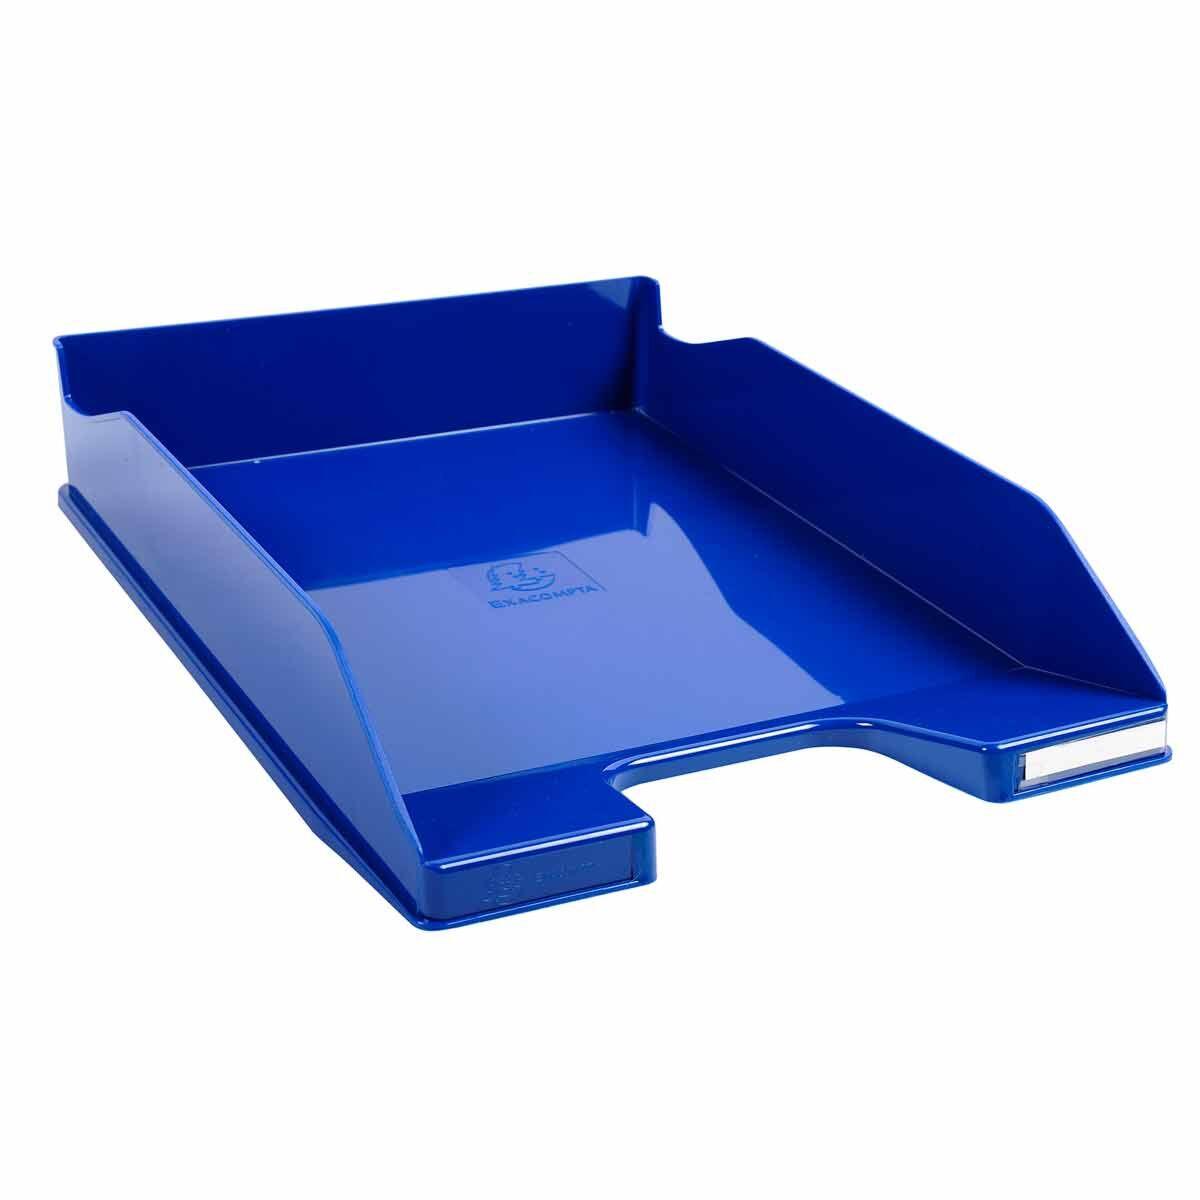 Exacompta Office Letter Tray Midi Combo Pack of 6 Gloss Ocean Blue